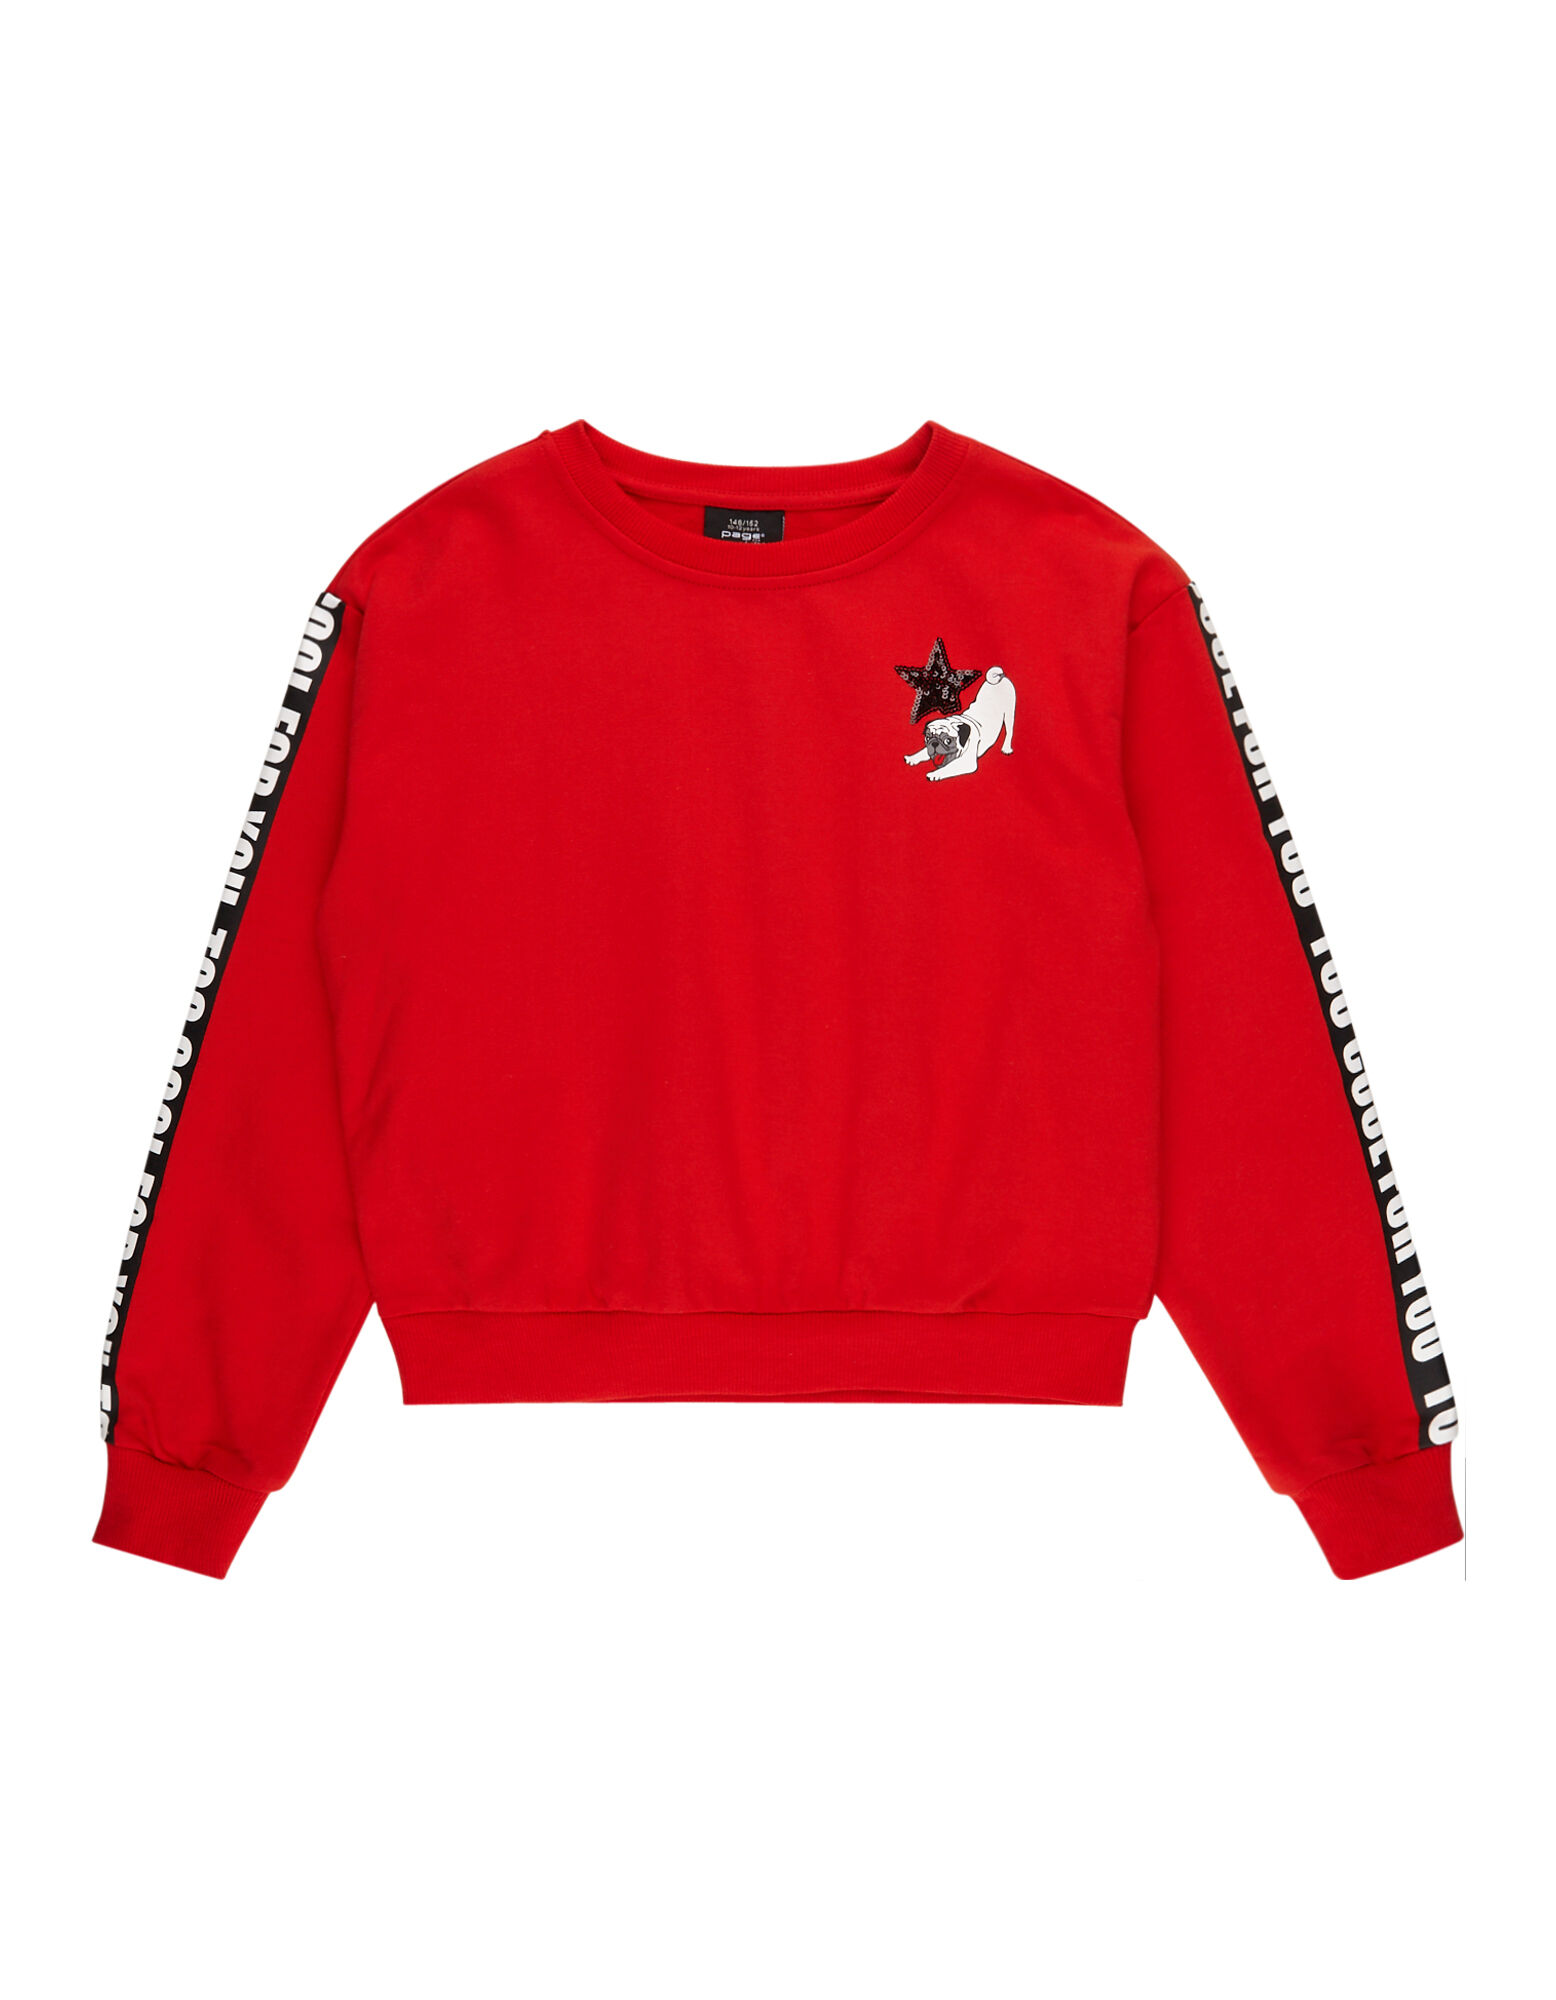 Günstig Fashion Mädchen Kaufen✓ Pullover Für Takko fv7b6gIymY